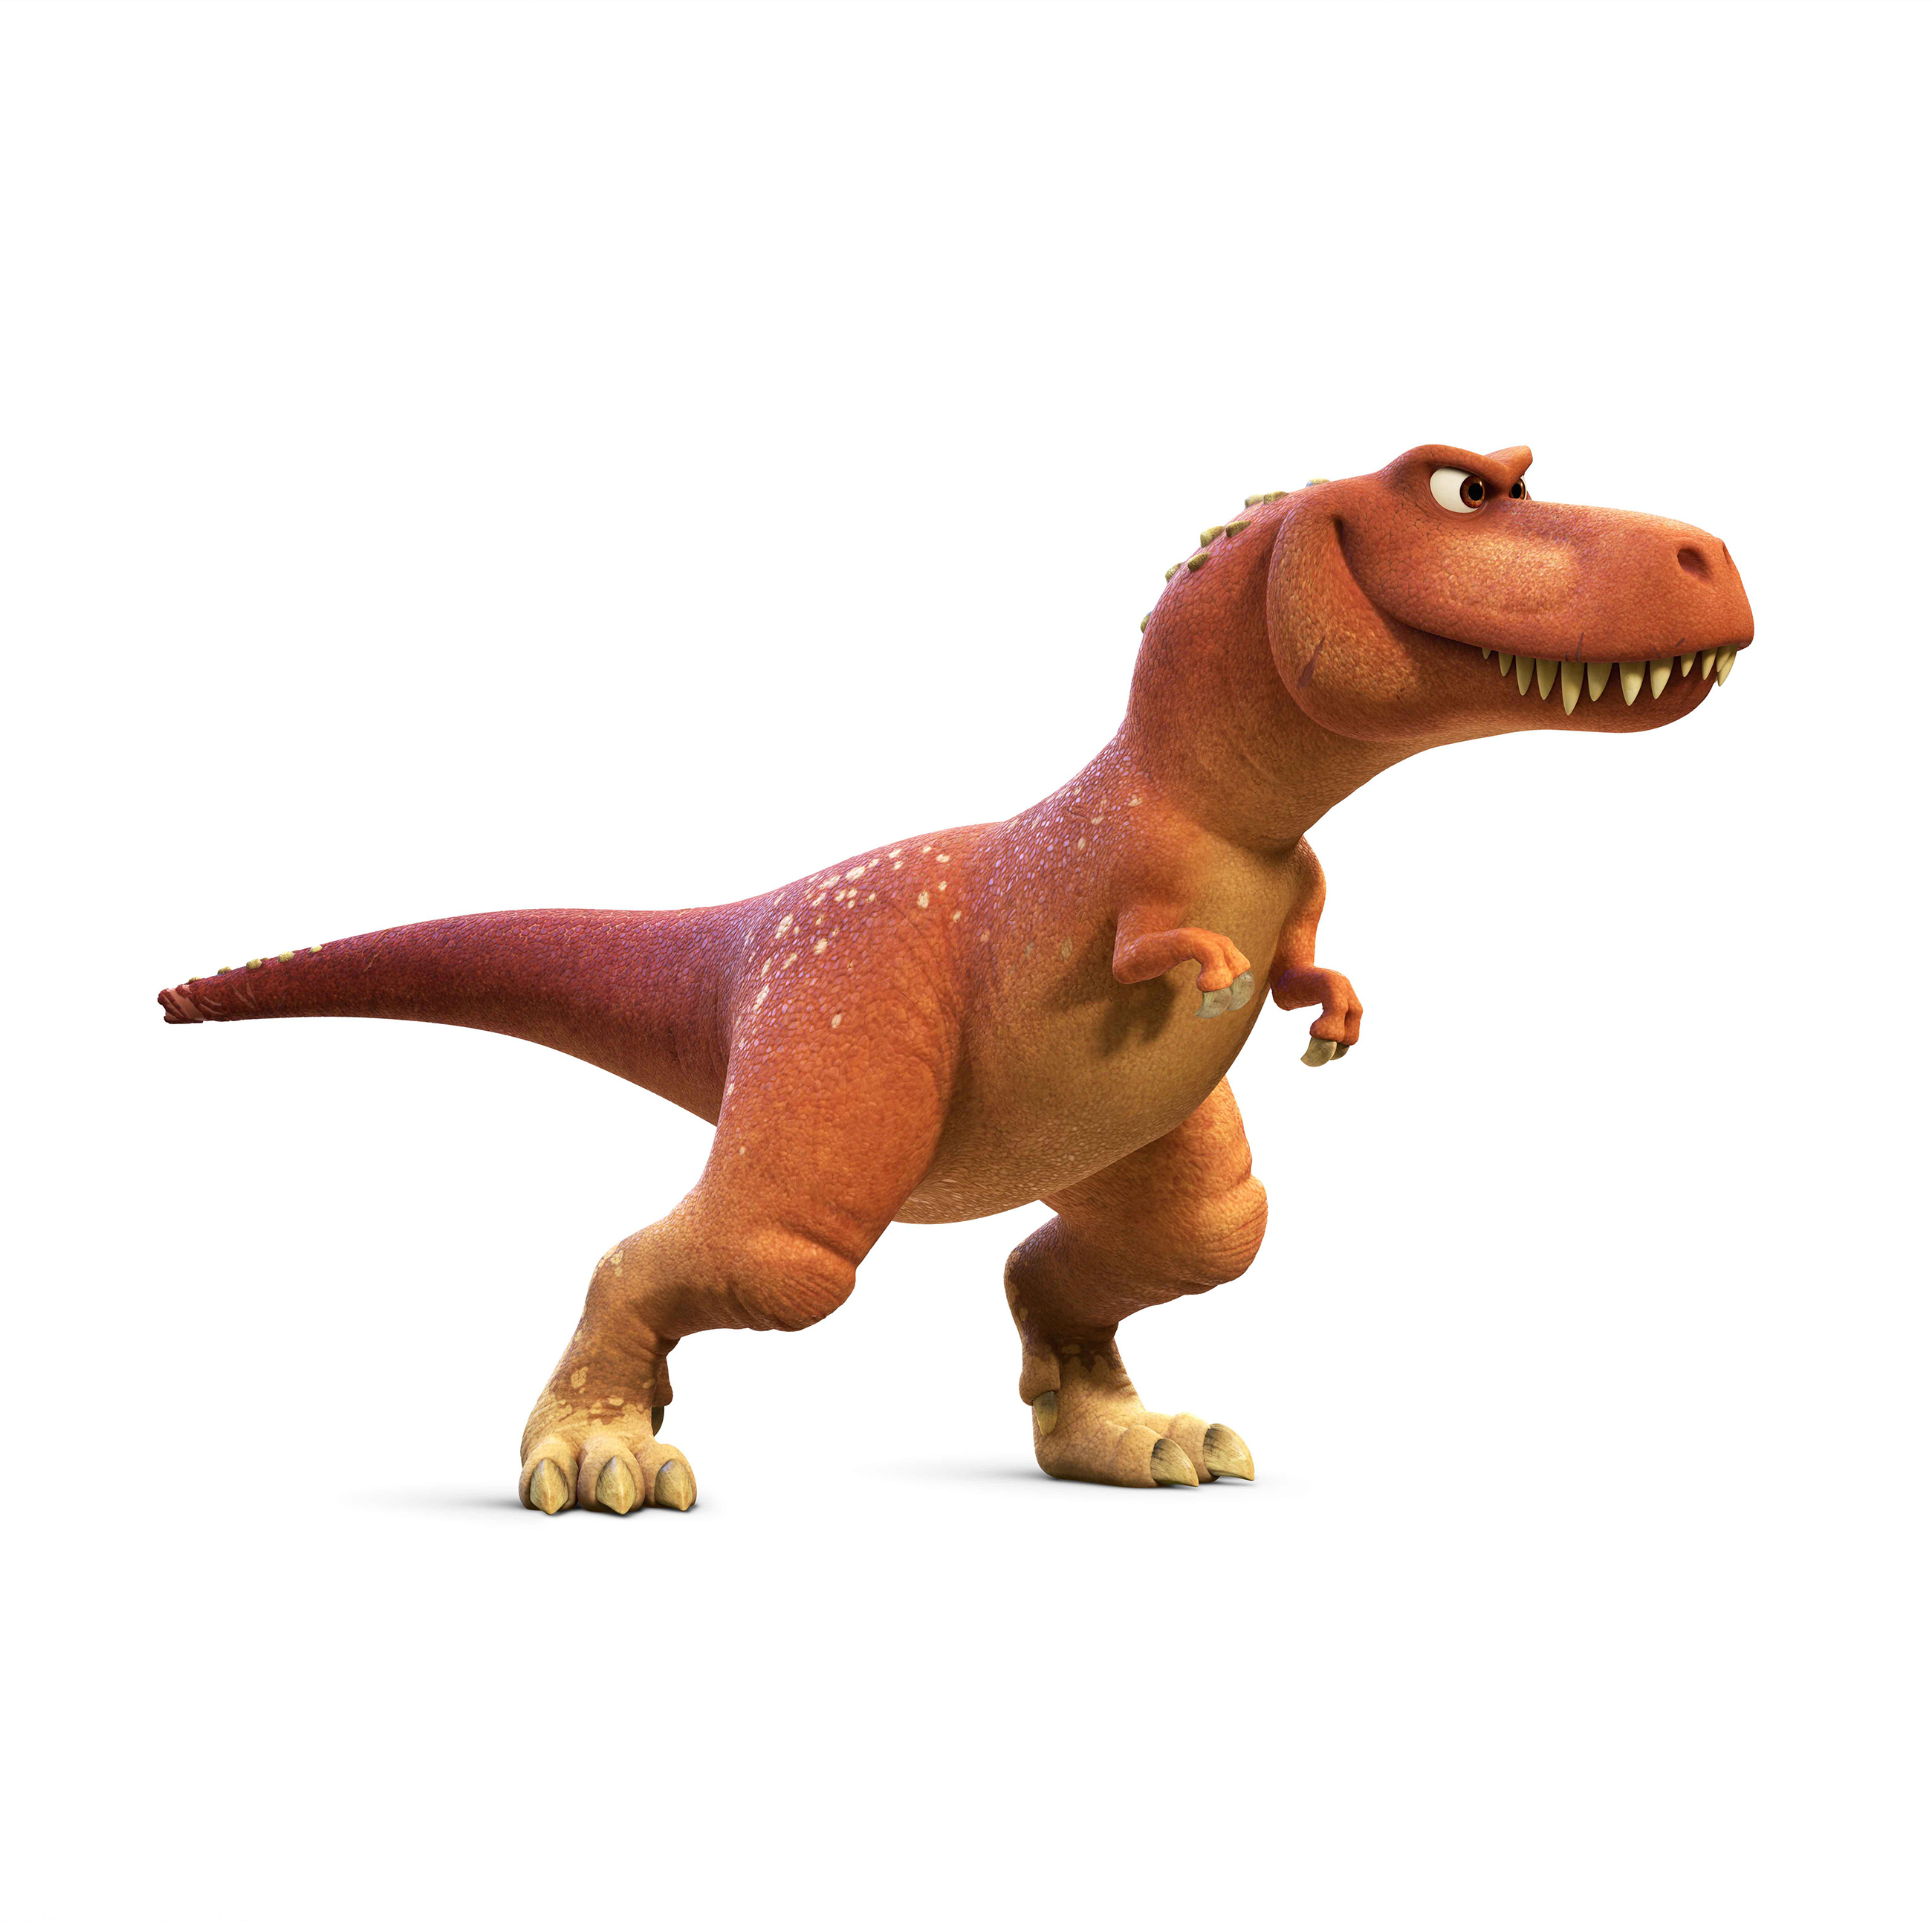 Мультфильм динозавр фигурки рекс игрушки играть - 4e54